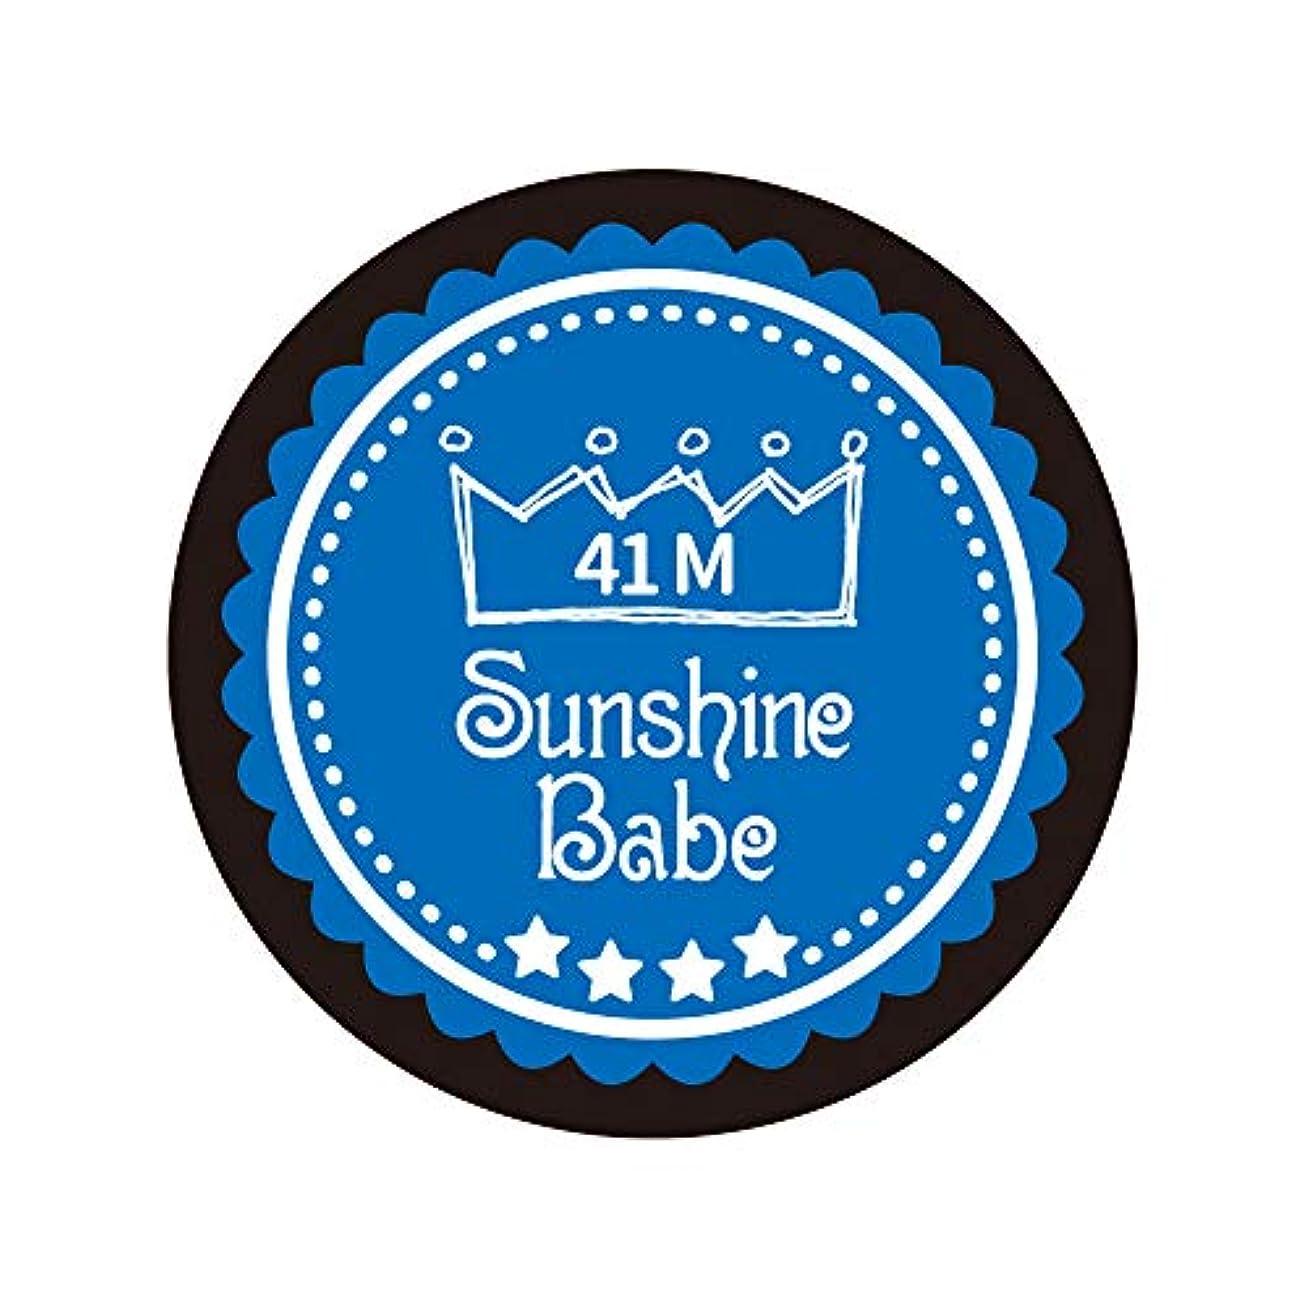 気がついてひらめき端Sunshine Babe カラージェル 41M ネブラスブルー 2.7g UV/LED対応